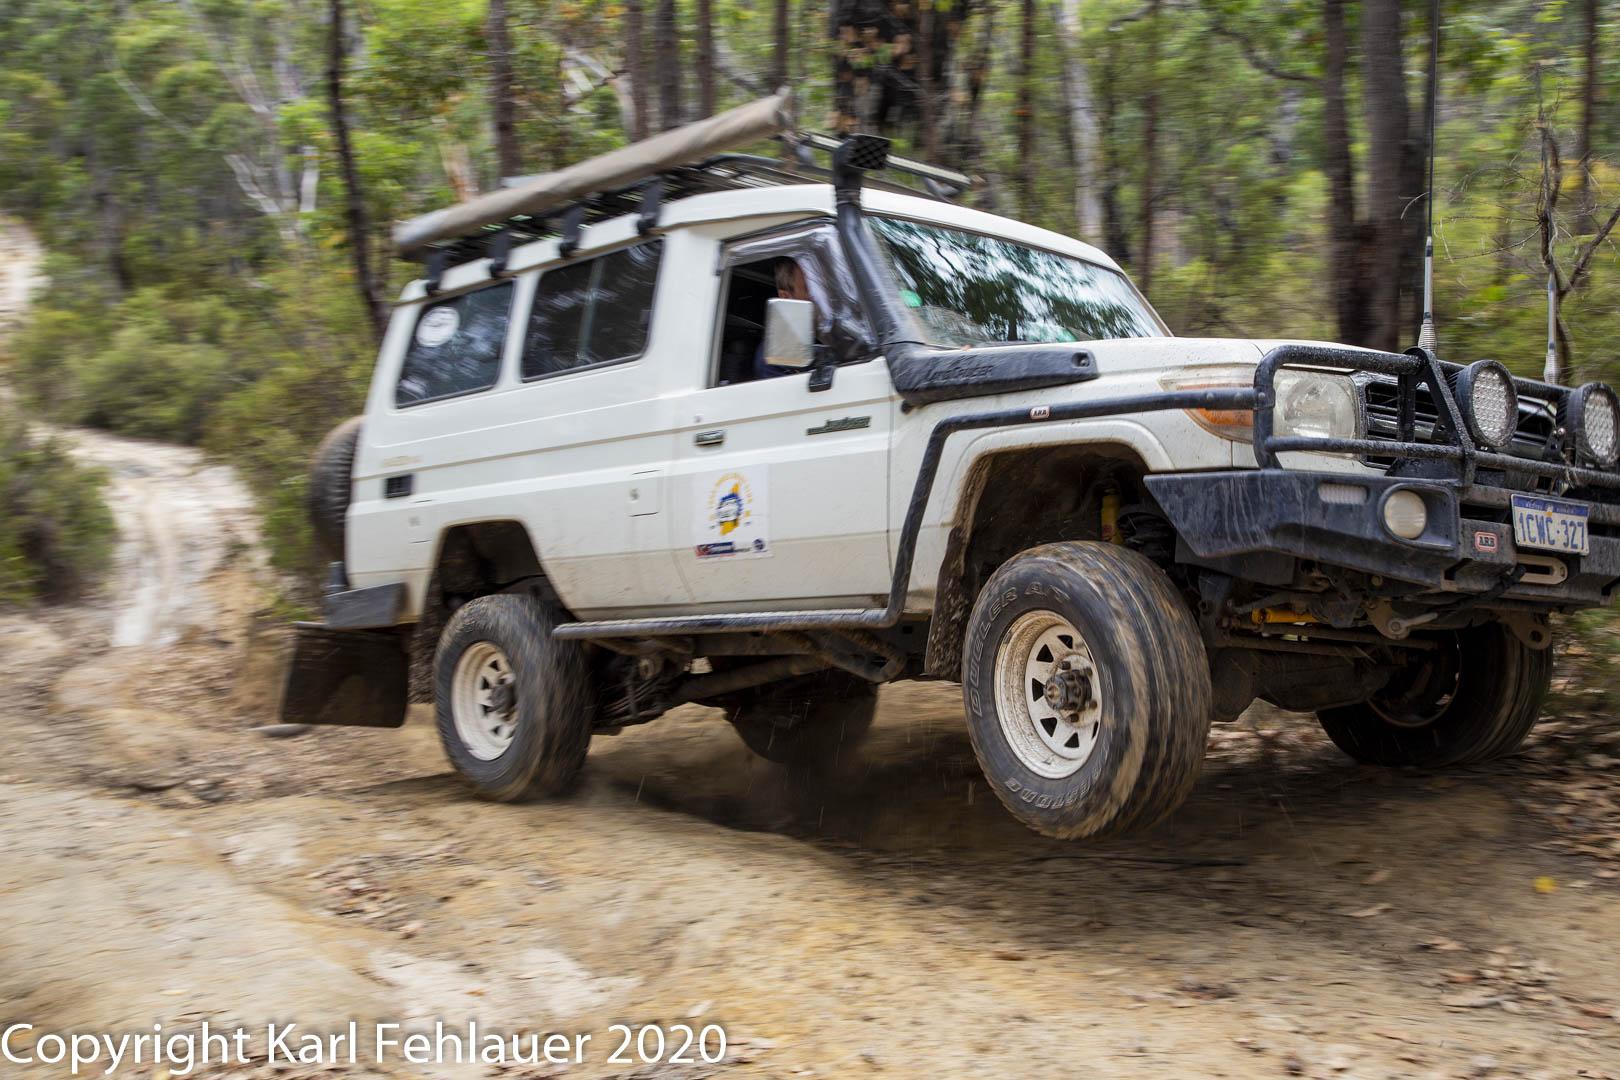 2020-03-01 4WD - 087-Edit.jpg